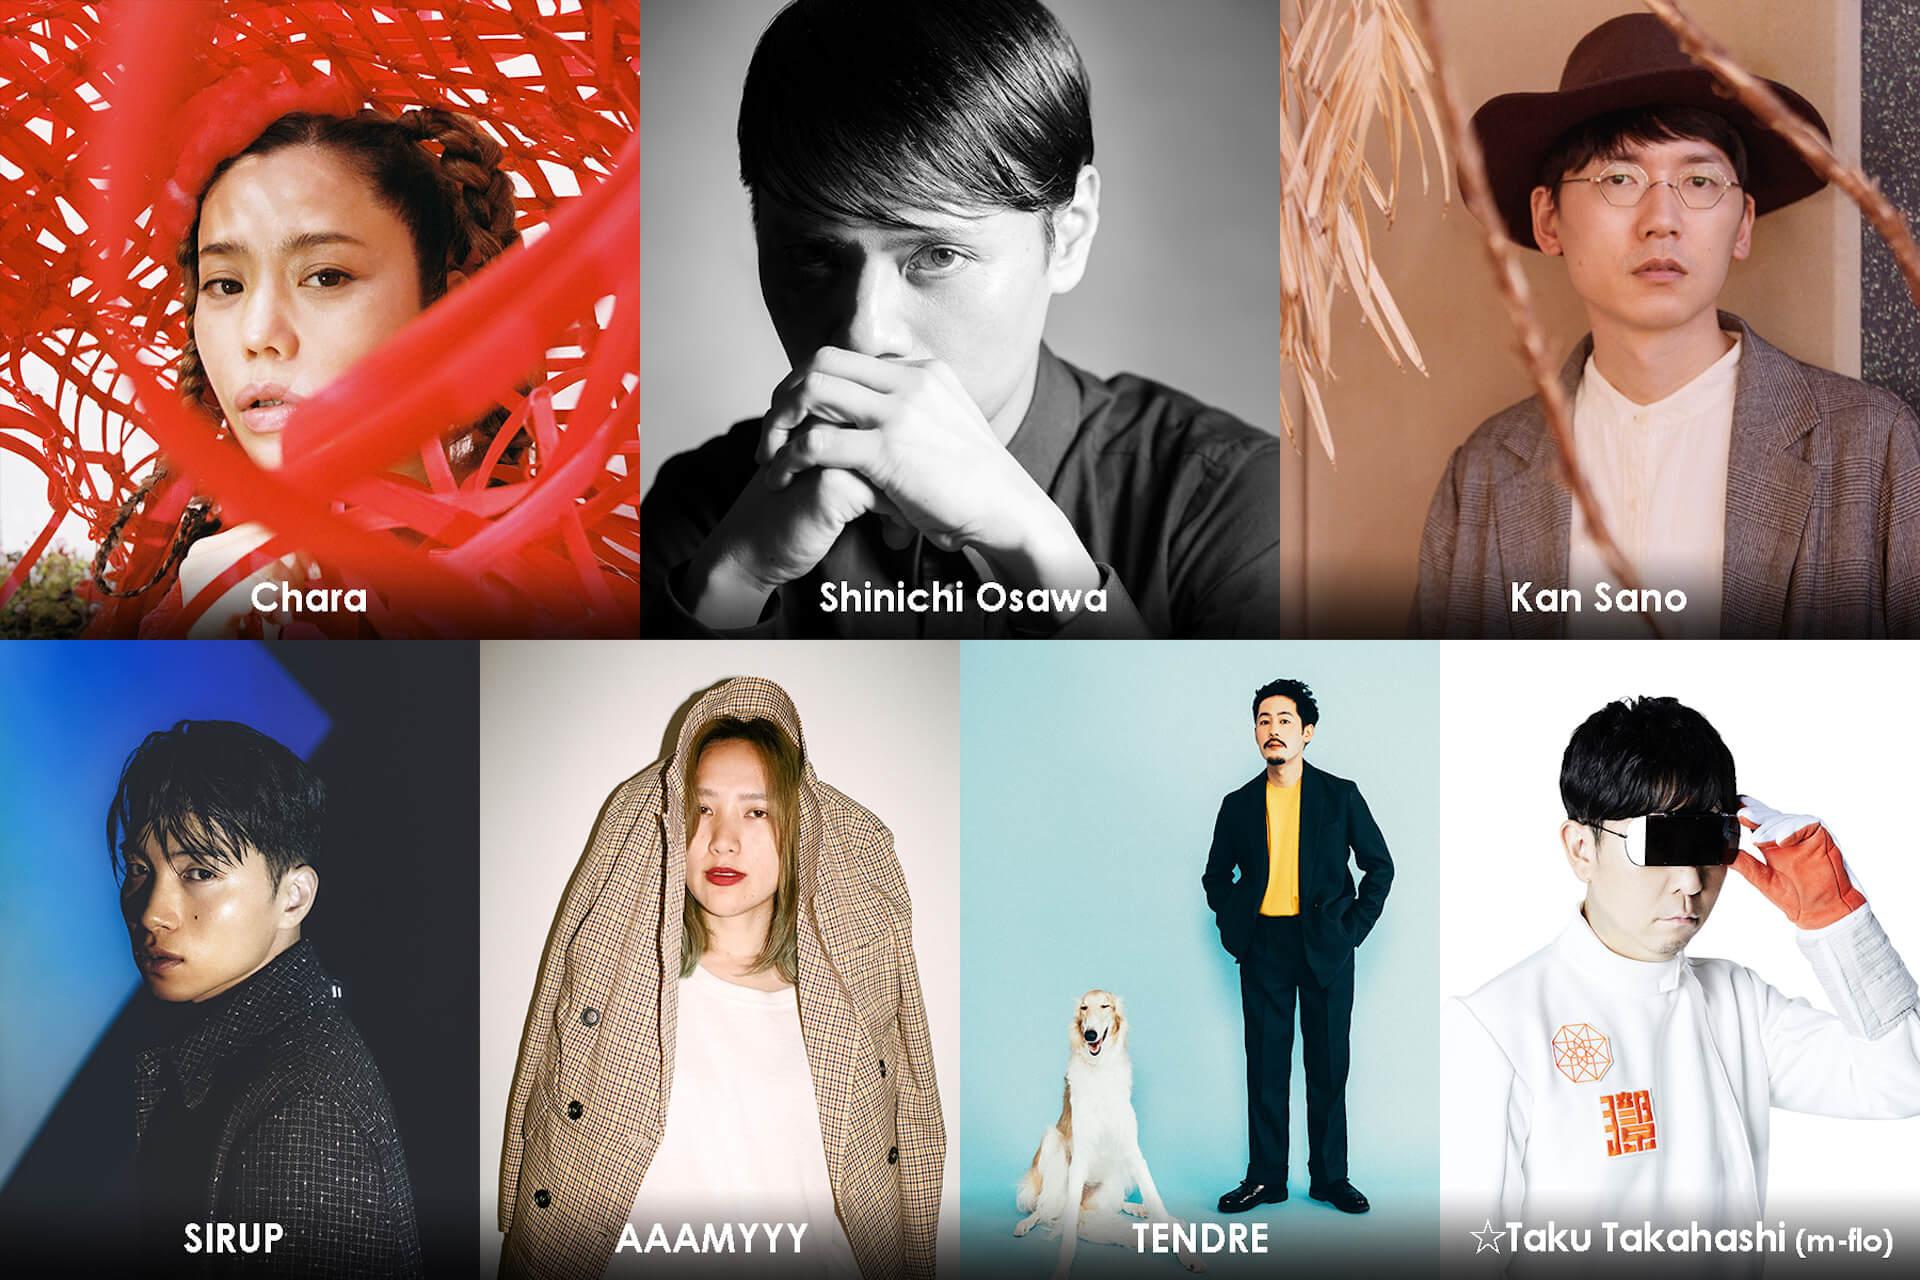 オンラインフェス<BLOCK.FESTIVAL>がLINE LIVEにて開催!Taku Takahashi、Charaらがライブやトークを配信 music200413_blockfes_11